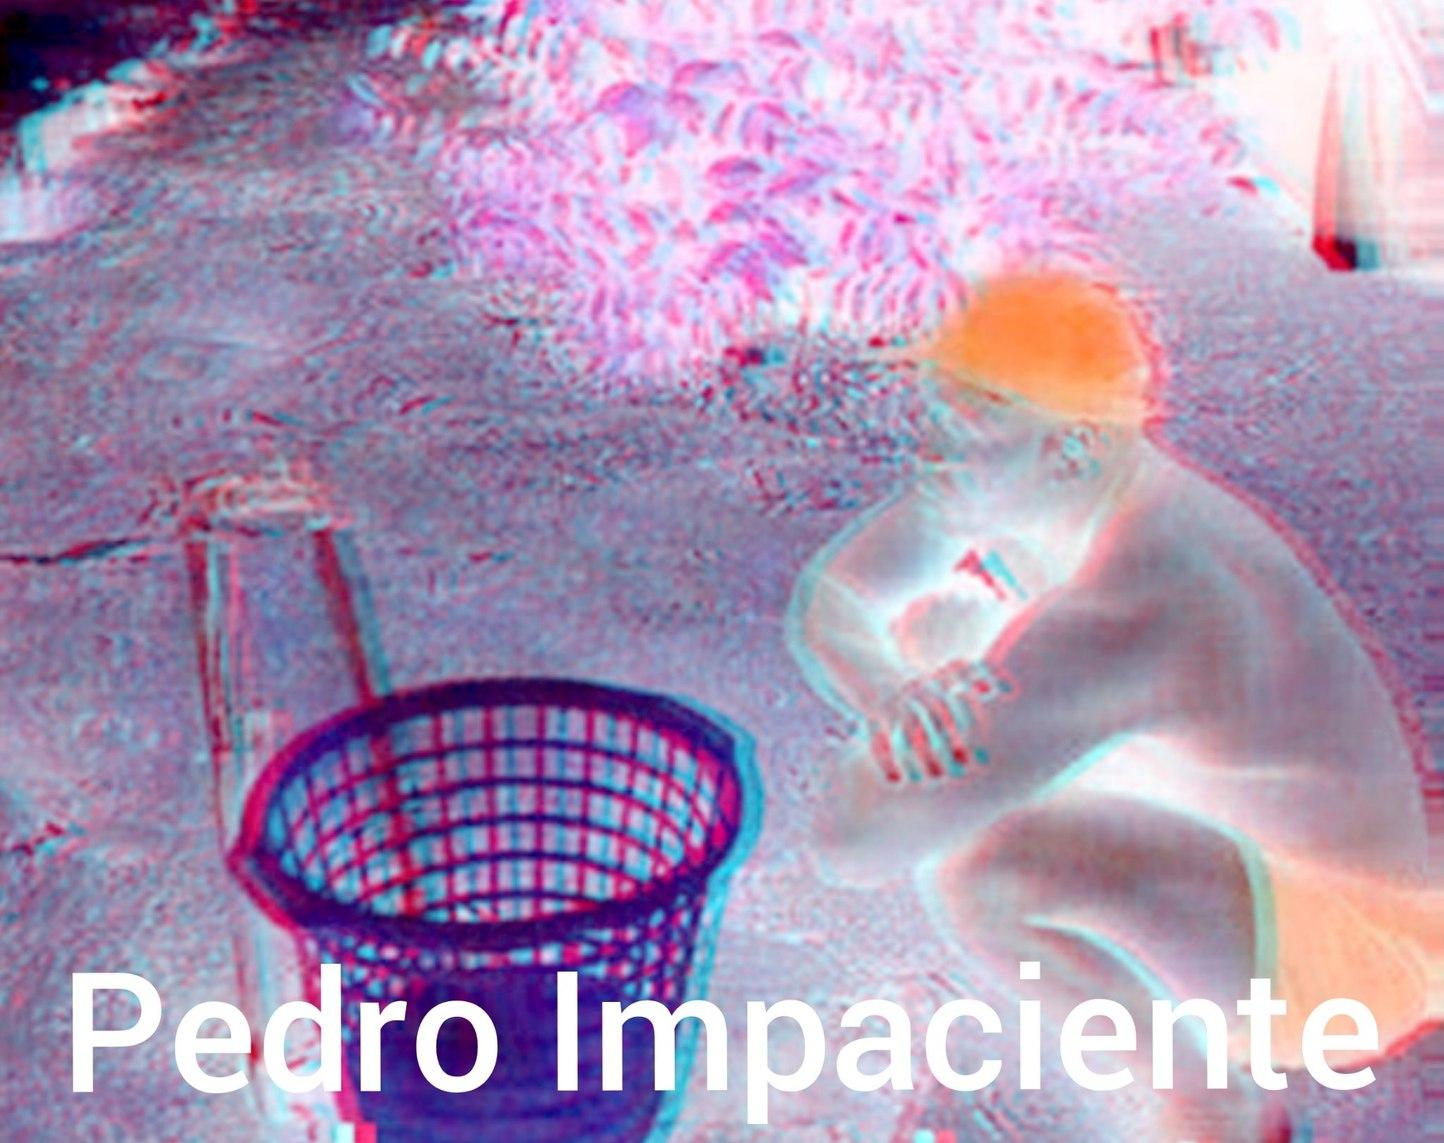 Pedro Impaciente - meme